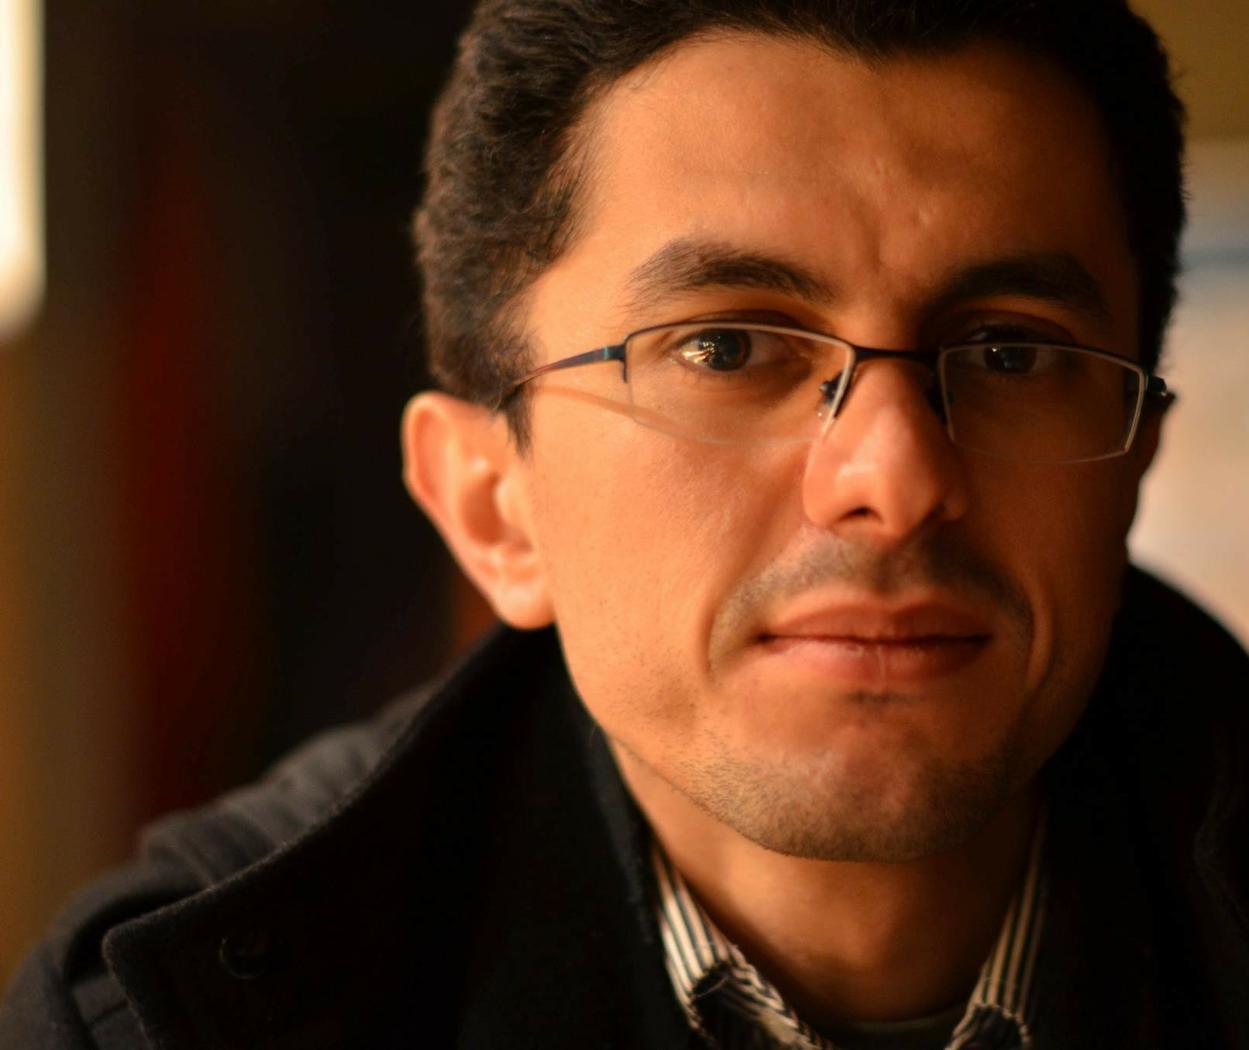 Mohamed Ikbel Boulabiar